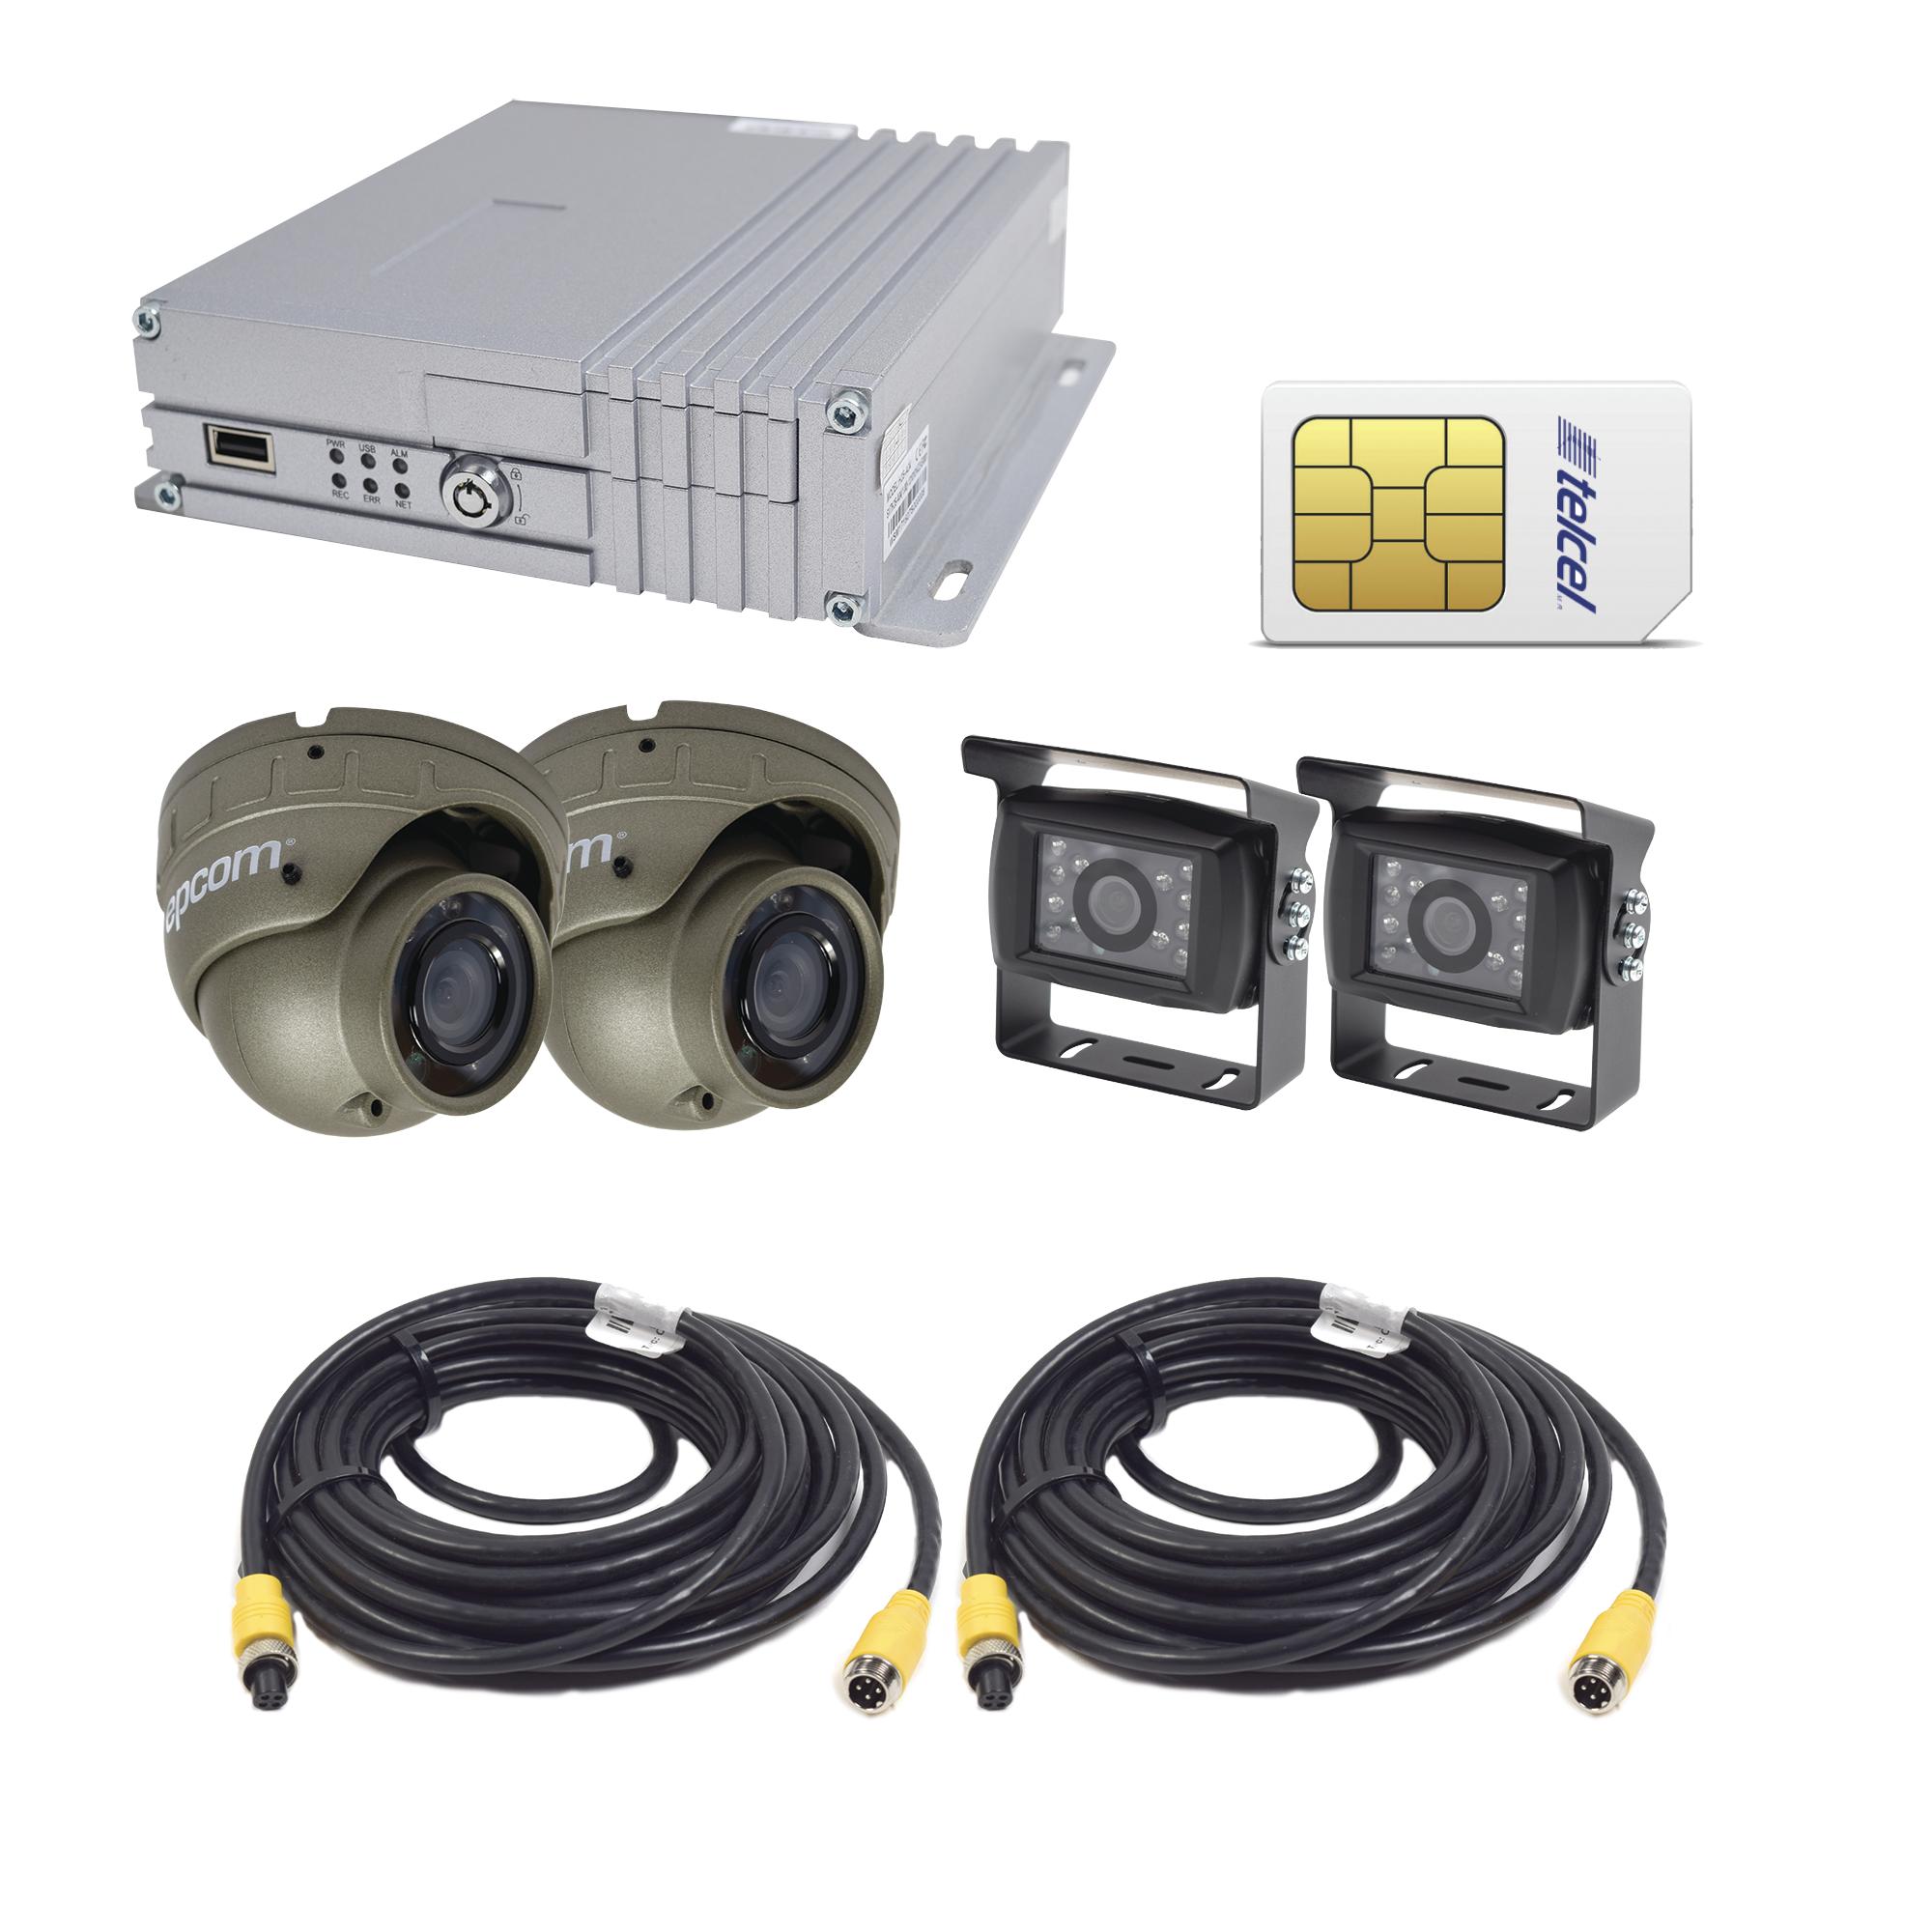 Sistema de videovigilancia móvil AHD todo en uno, incluye MDVR de 4 canales, 2 cámaras para interior AHD, 2 cámaras para exterior AHD e incluye sim de datos Telcel de 10G